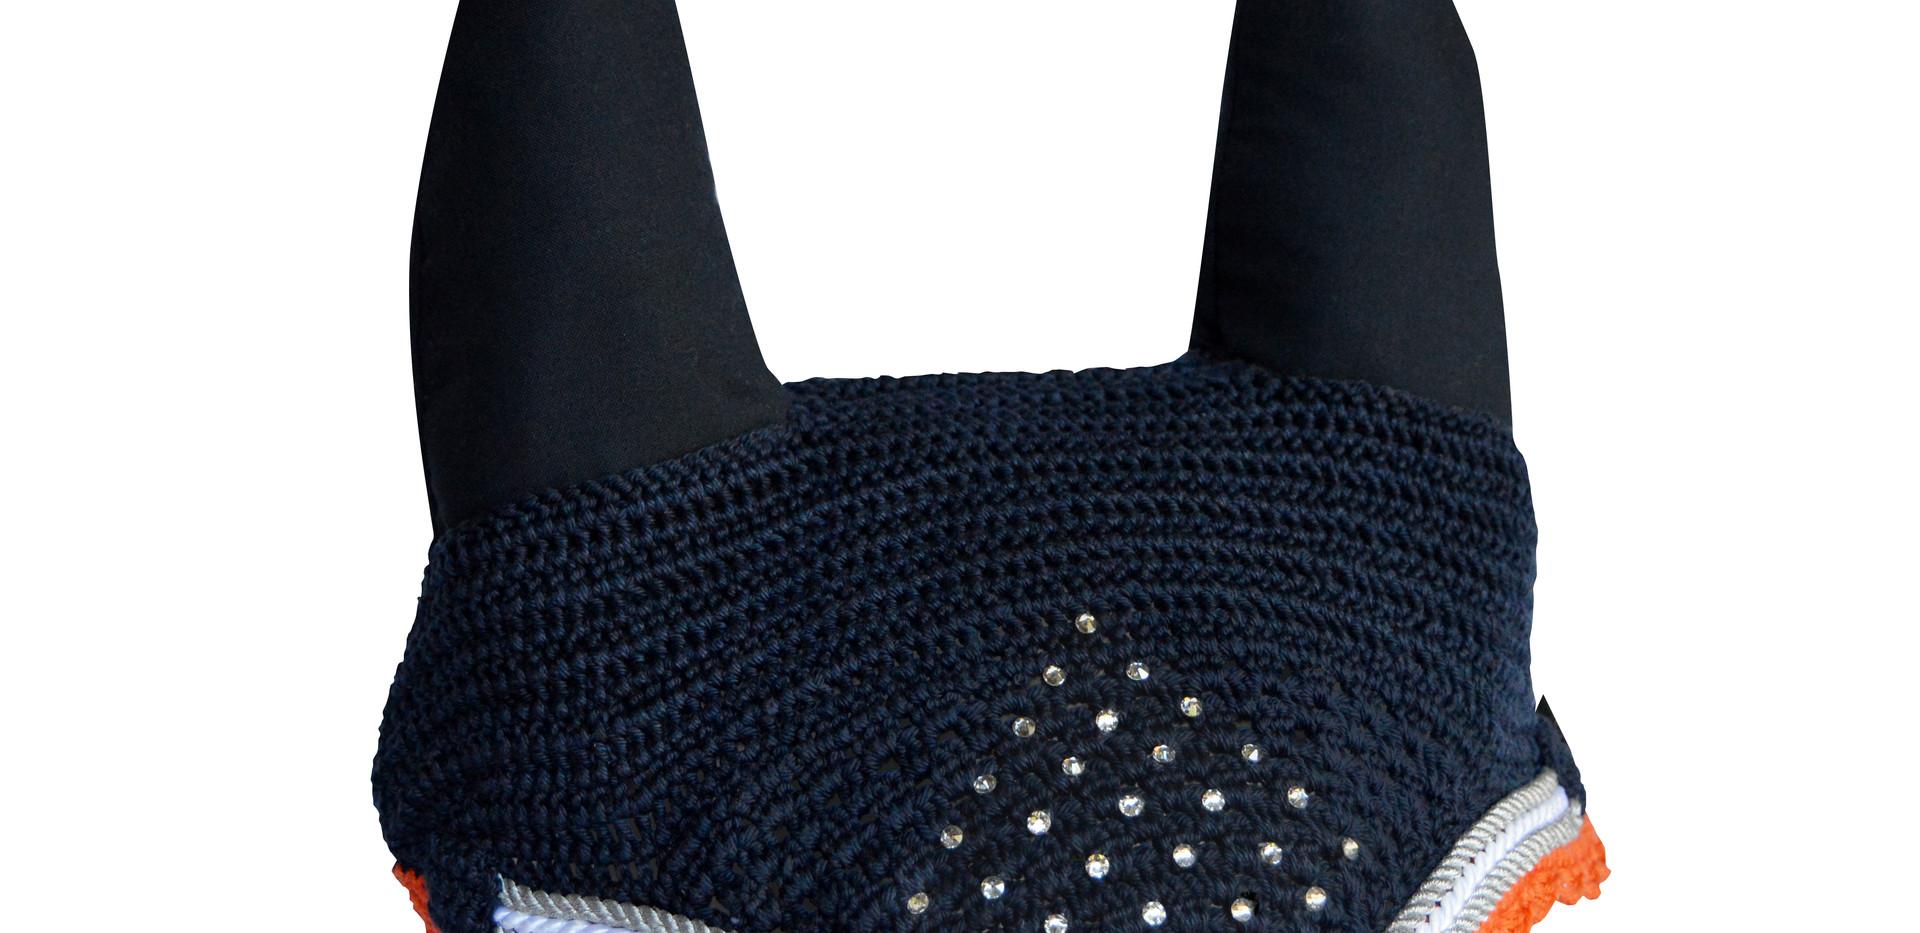 Three rows piping diamente diamond patte